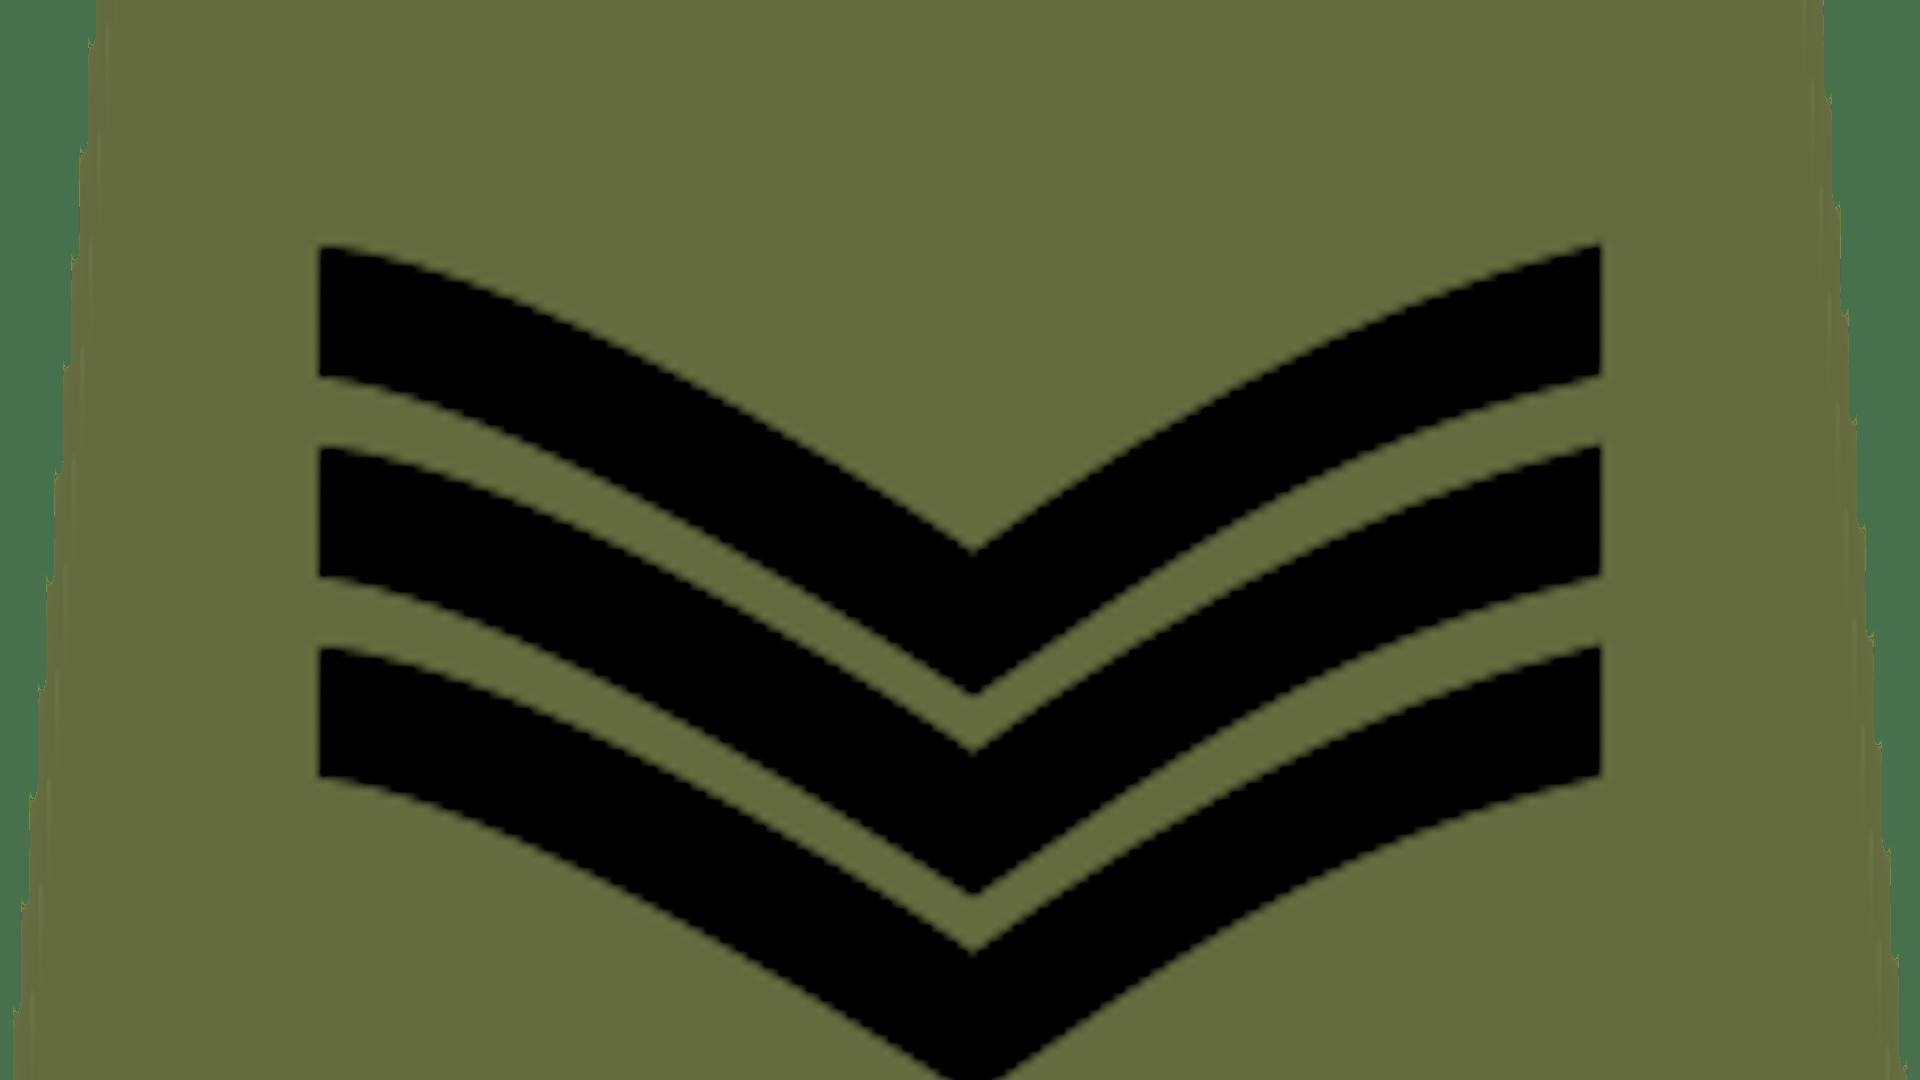 Cadet sgt 2x